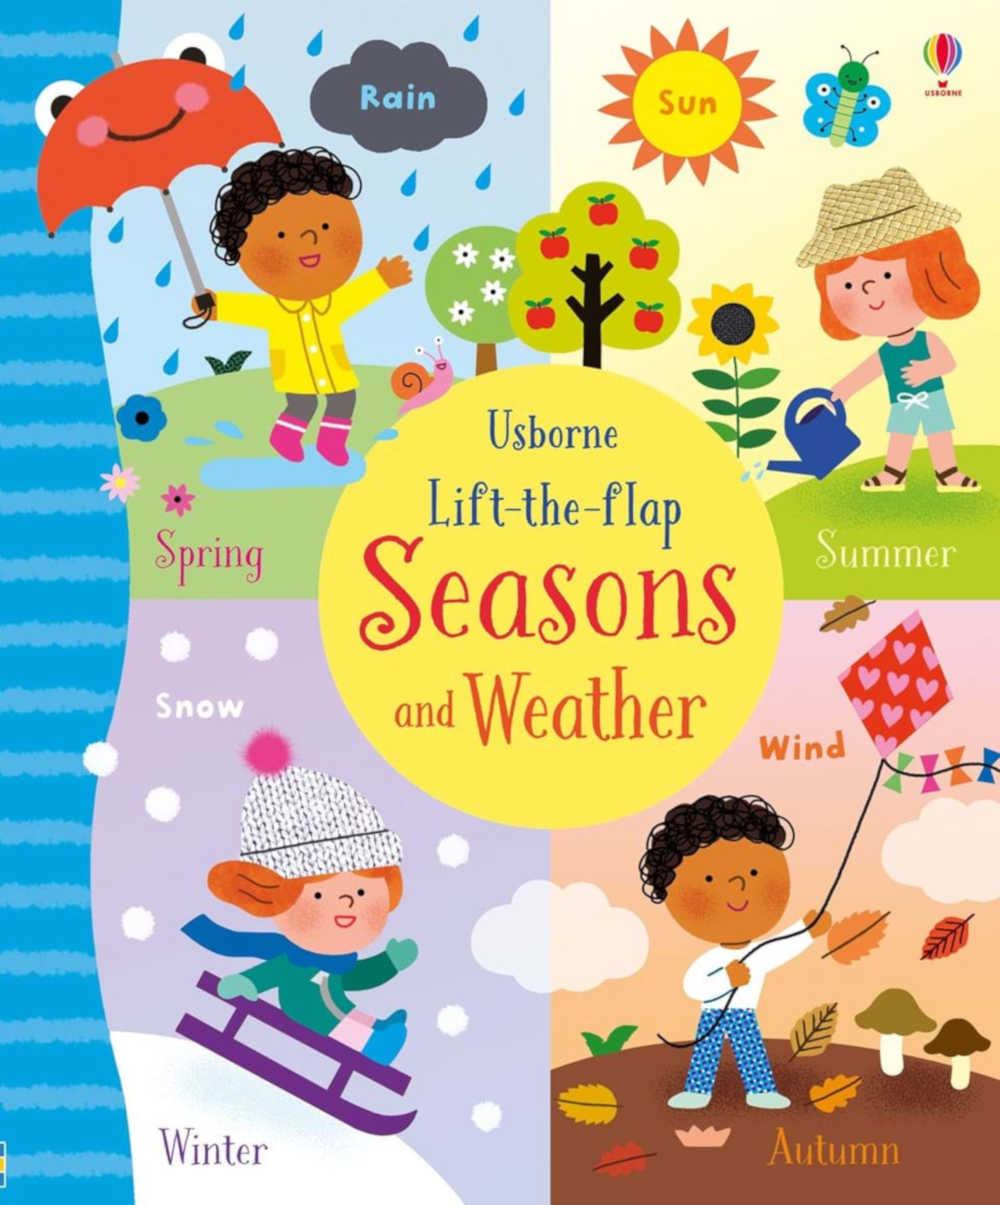 książka z okienkami o porach roku i pogodzie dla dzieci po angielsku